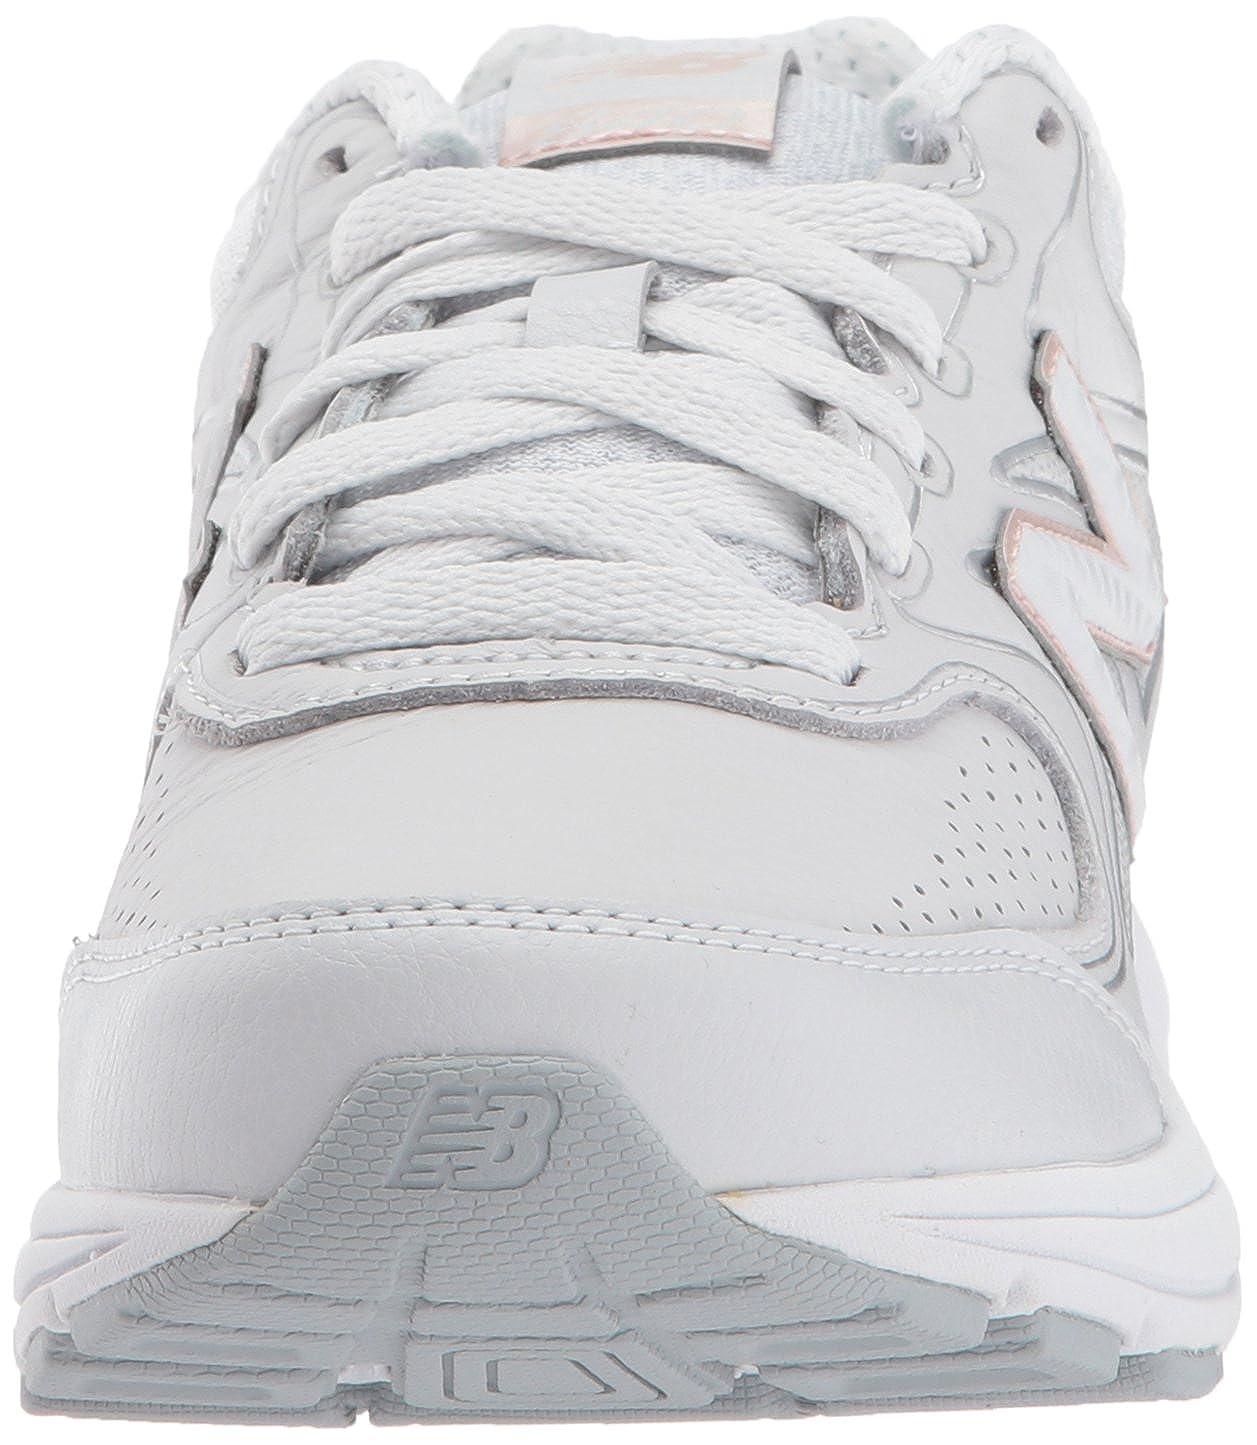 Mr.     Ms. New Balance 840, scarpe da ginnastica Donna Vendite online Qualità stabile Un equilibrio tra robustezza e durezza | Premio pazzesco, Birmingham  b5b0a0